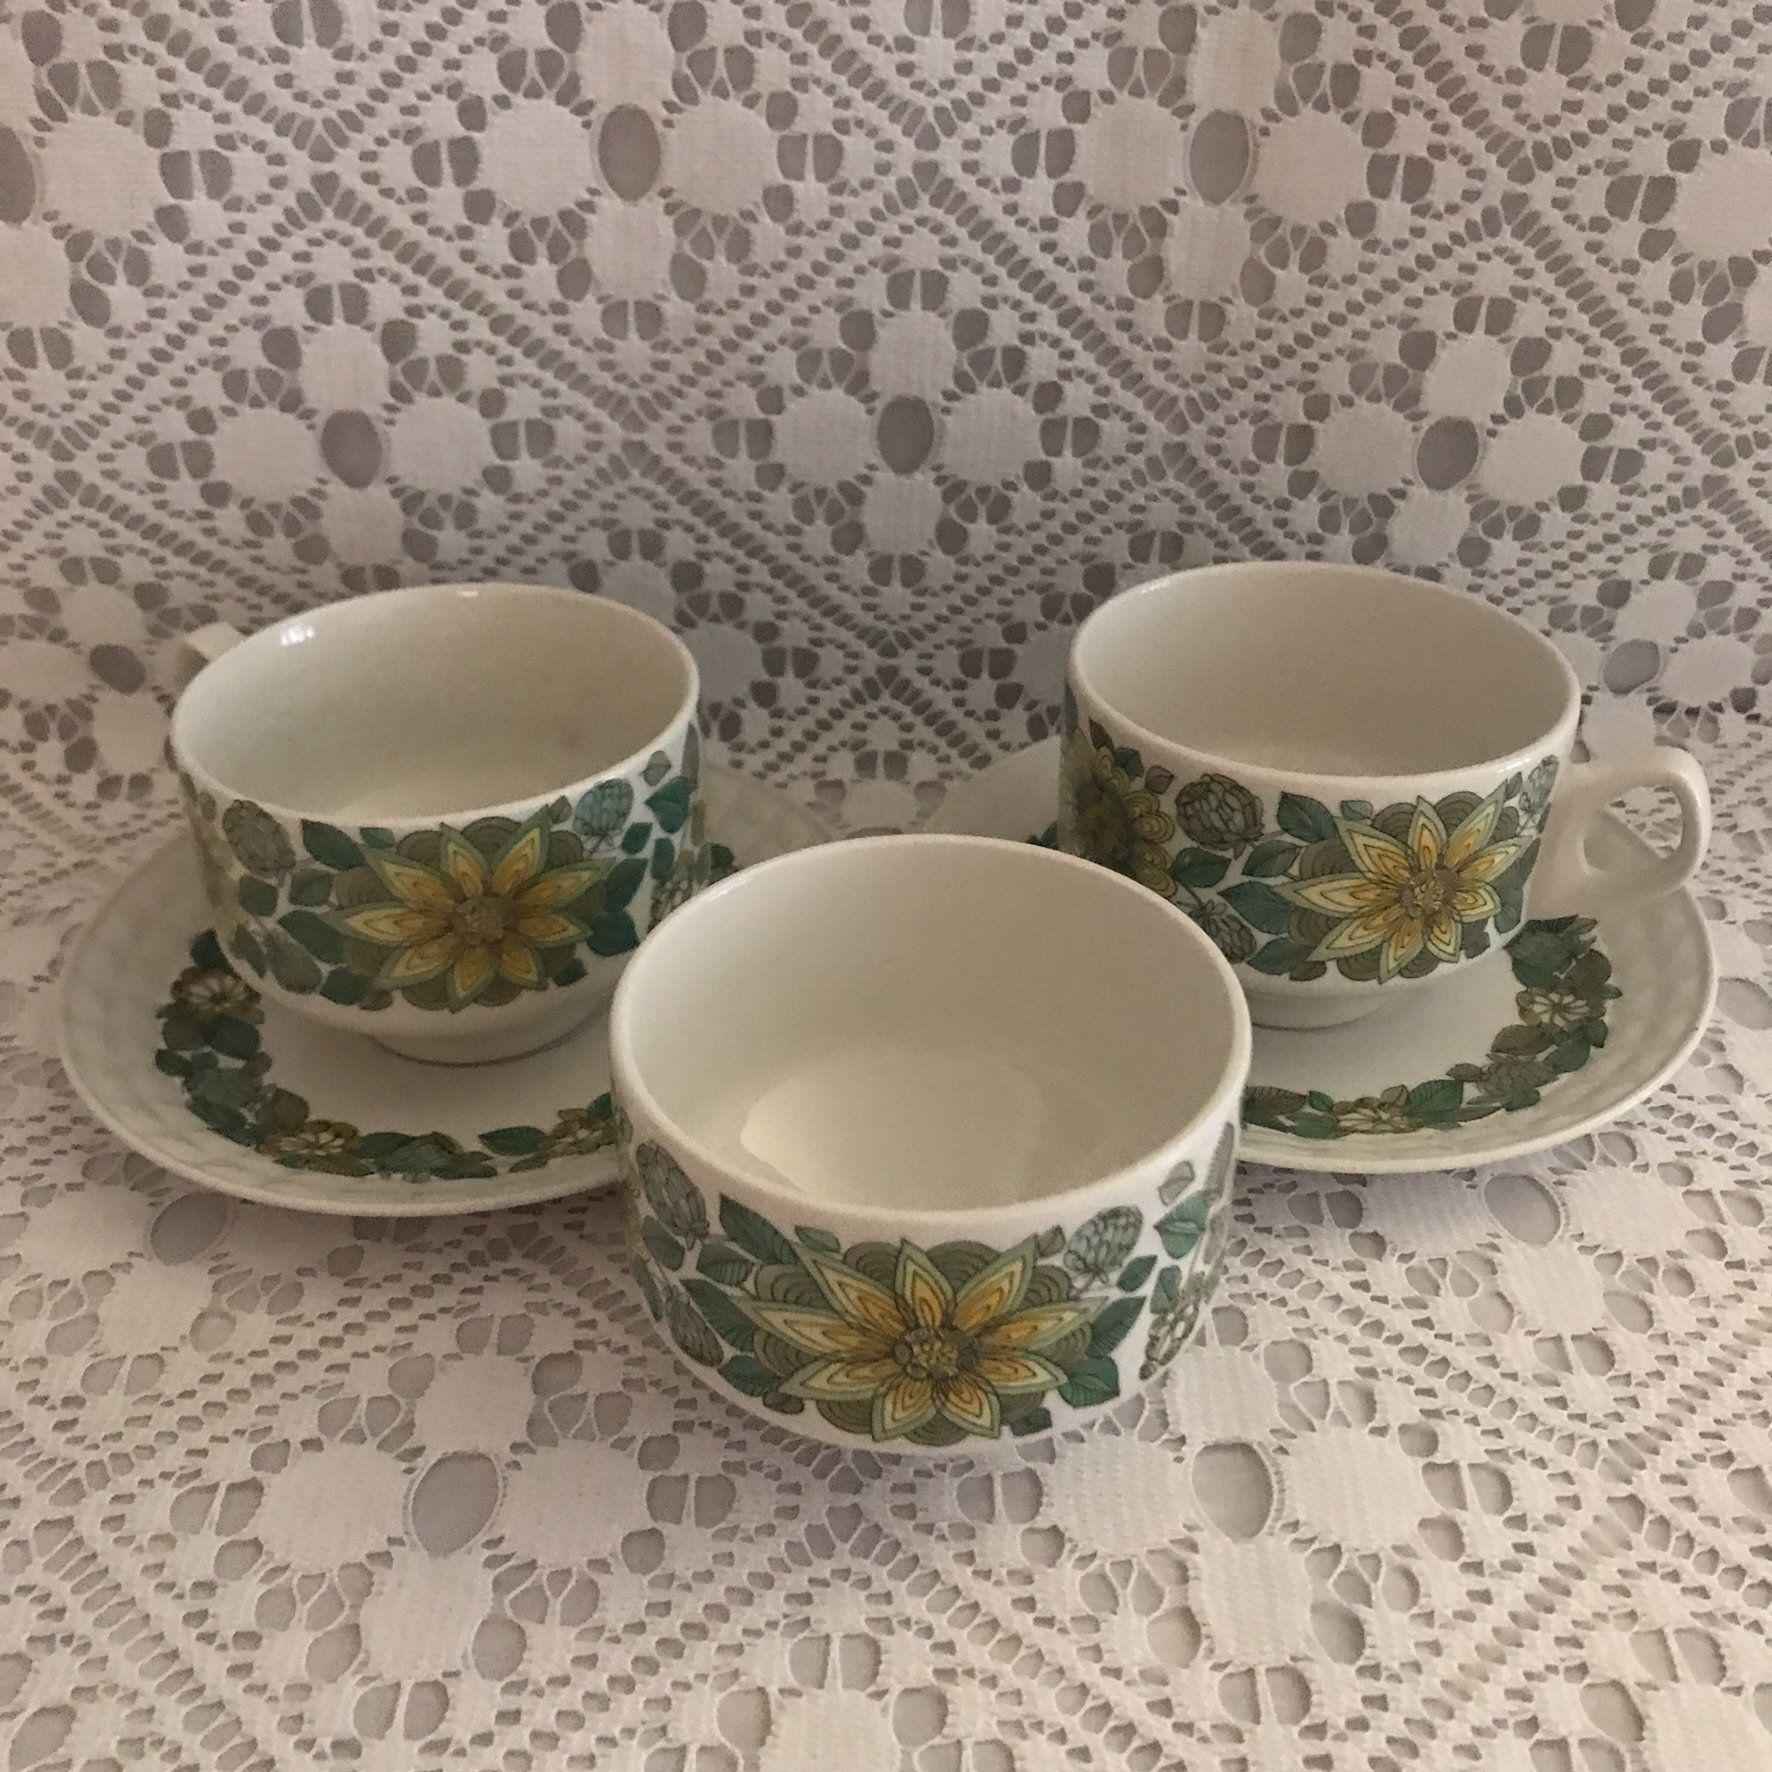 Vintage Pontesa Sevilla Tea Cups and Saucers and Sugar Bowl / Retro Tea Cups and Sugar Bowl / 1970s Tea Cups and Sugar Bowl / Pontesa Spain